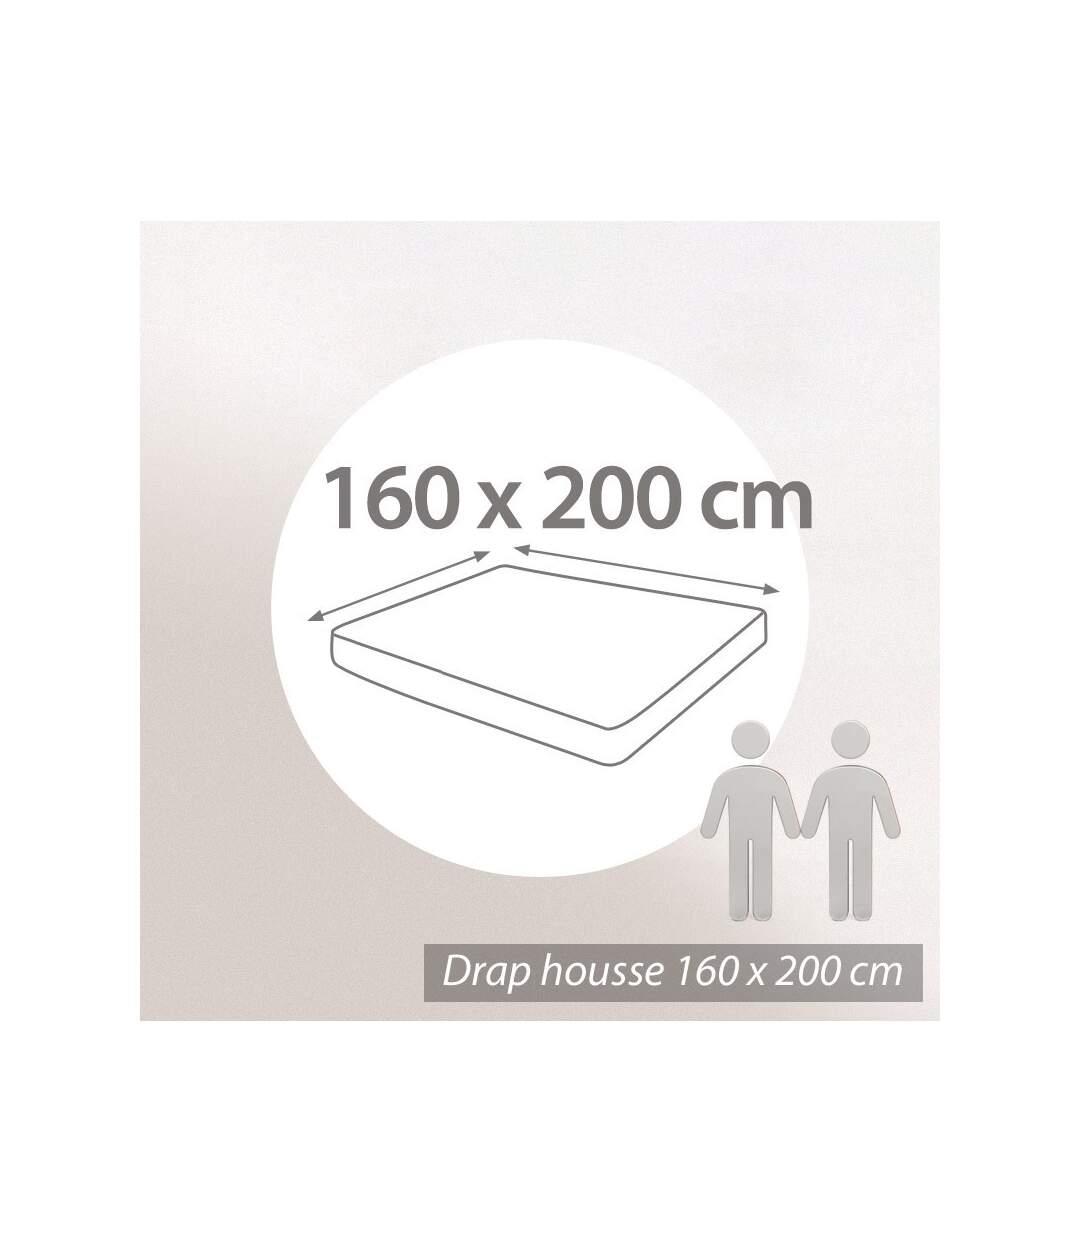 Protège matelas 160x200 cm Bonnet 30cm AUBIN 100% coton gratté 2 faces environ 220g/m²